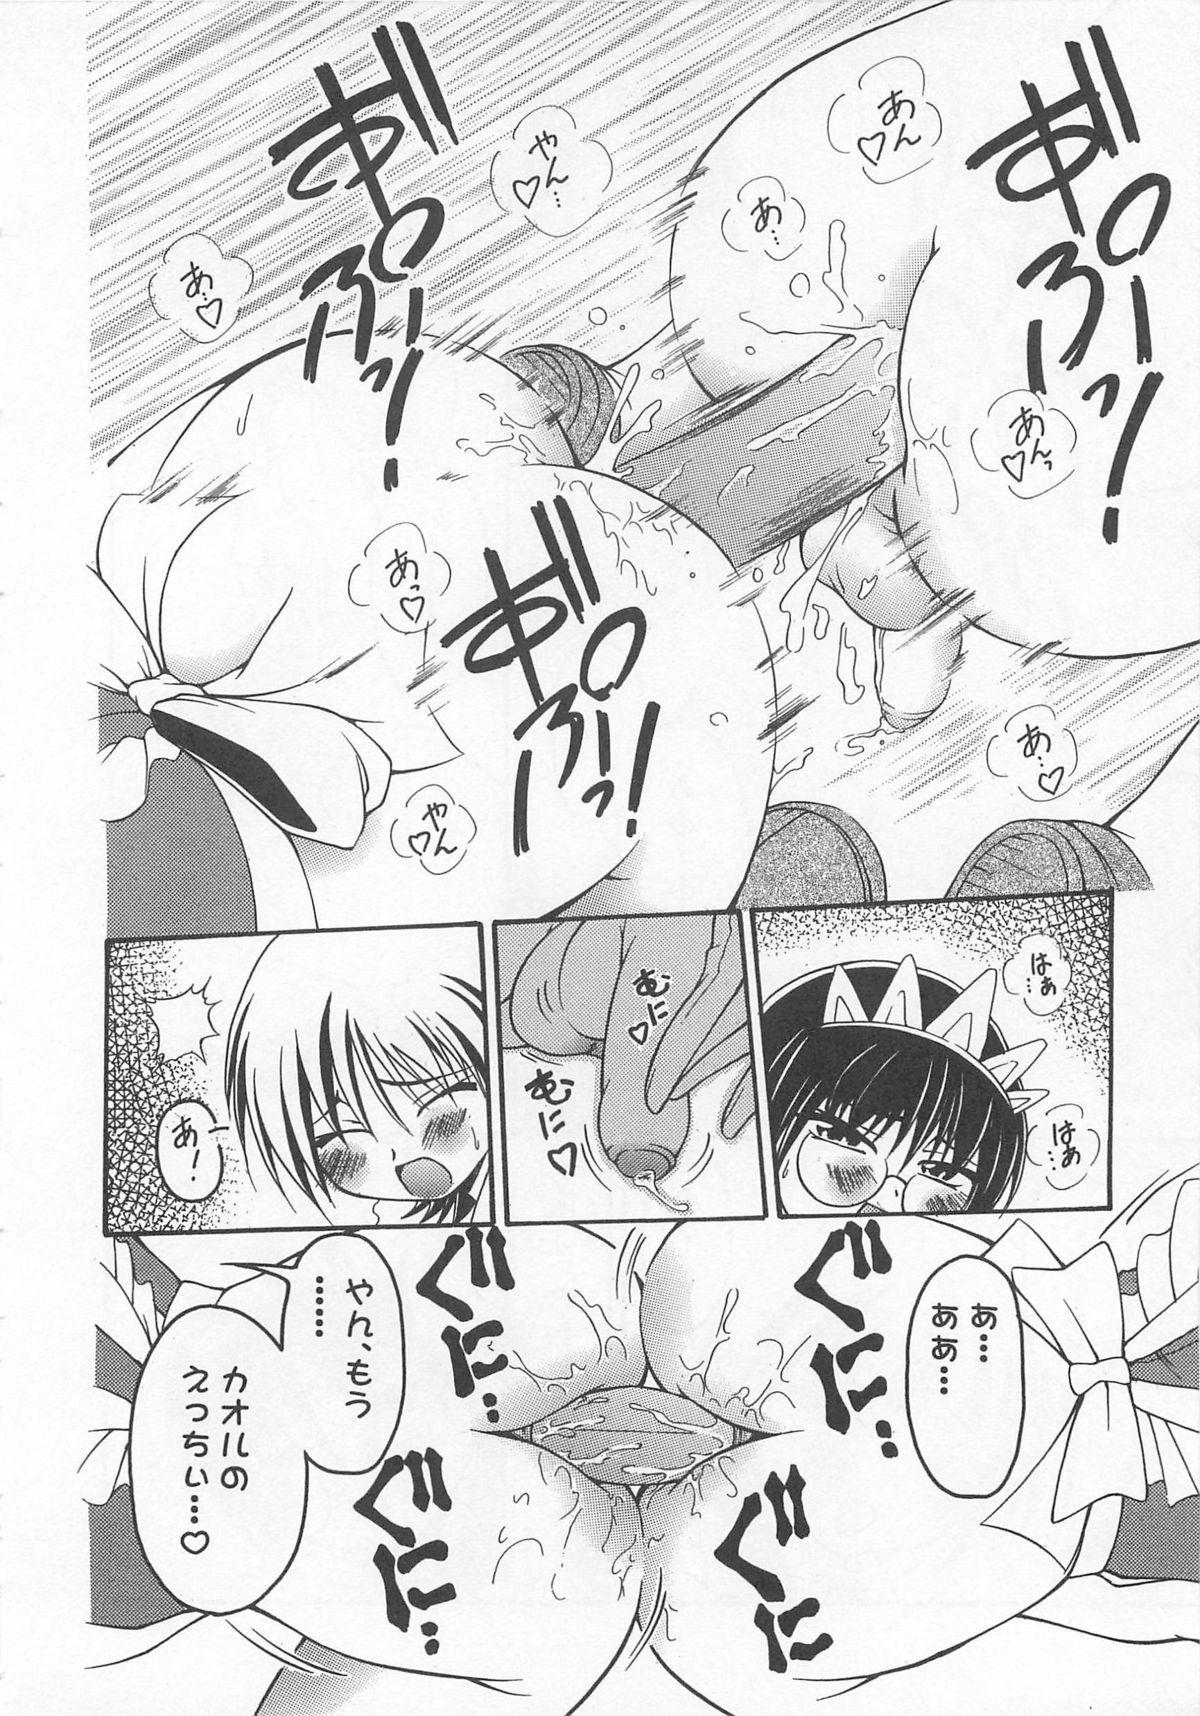 Otokonoko HEAVEN Vol. 01 Meganekko 64